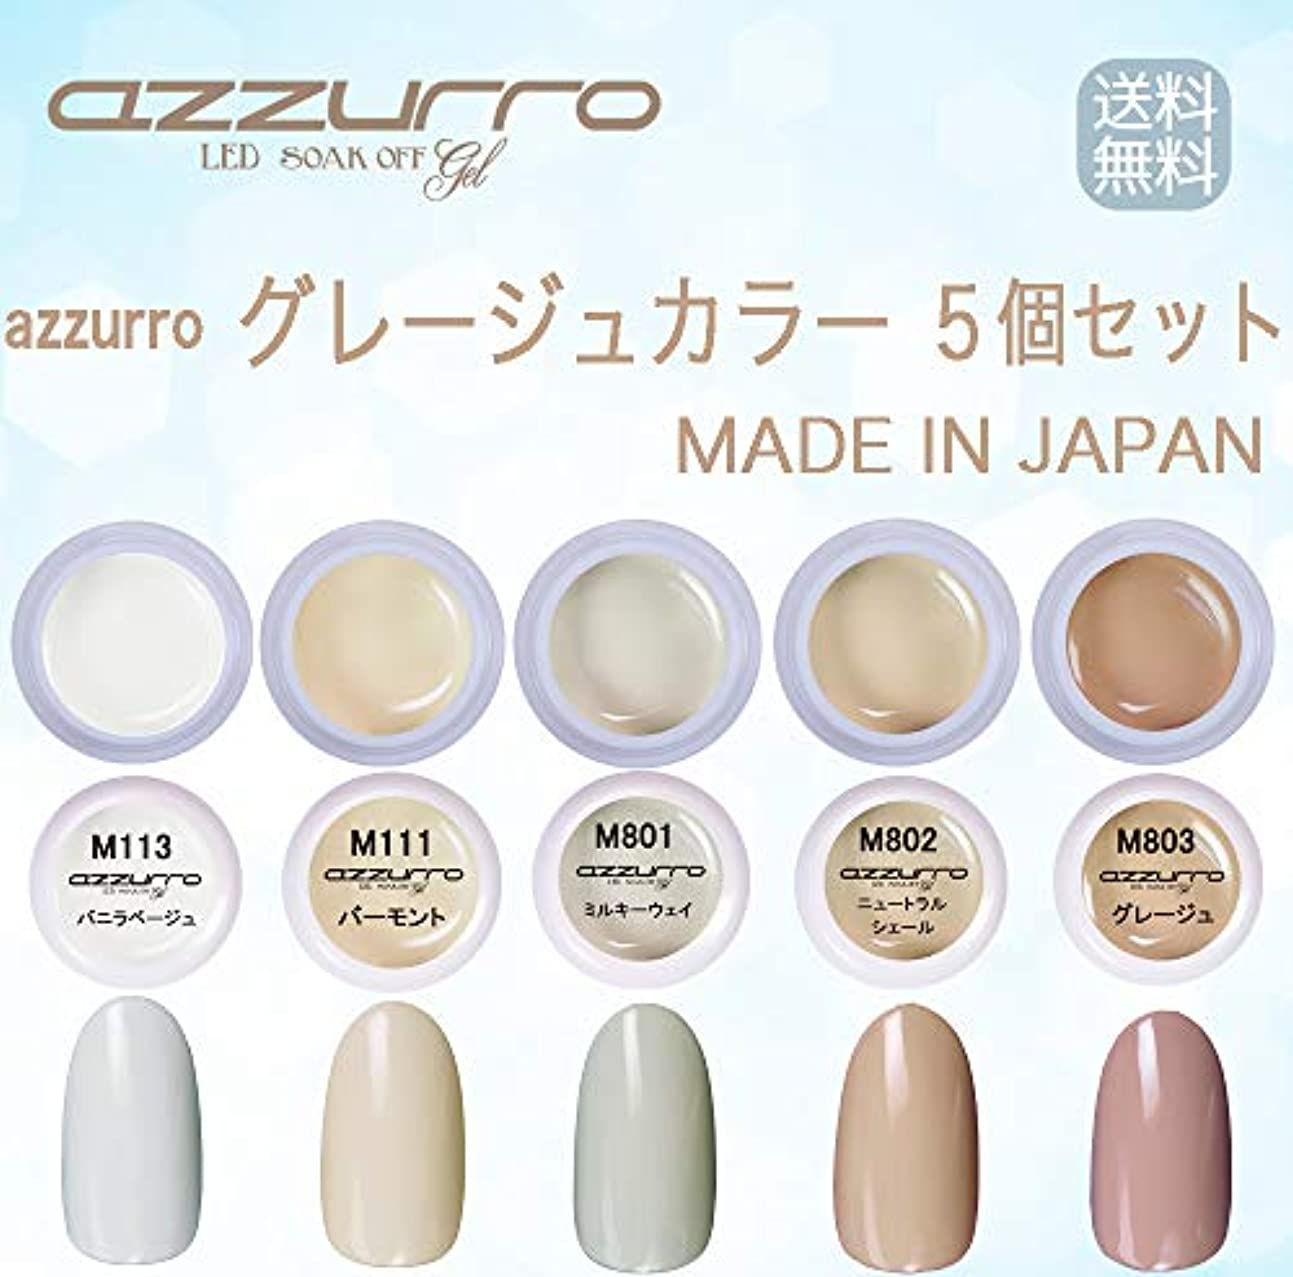 動来て雰囲気【送料無料】日本製 azzurro gel グレージュ カラージェル5個セット オフィスにもぴったりな上品なグレージュカラーをチョイス